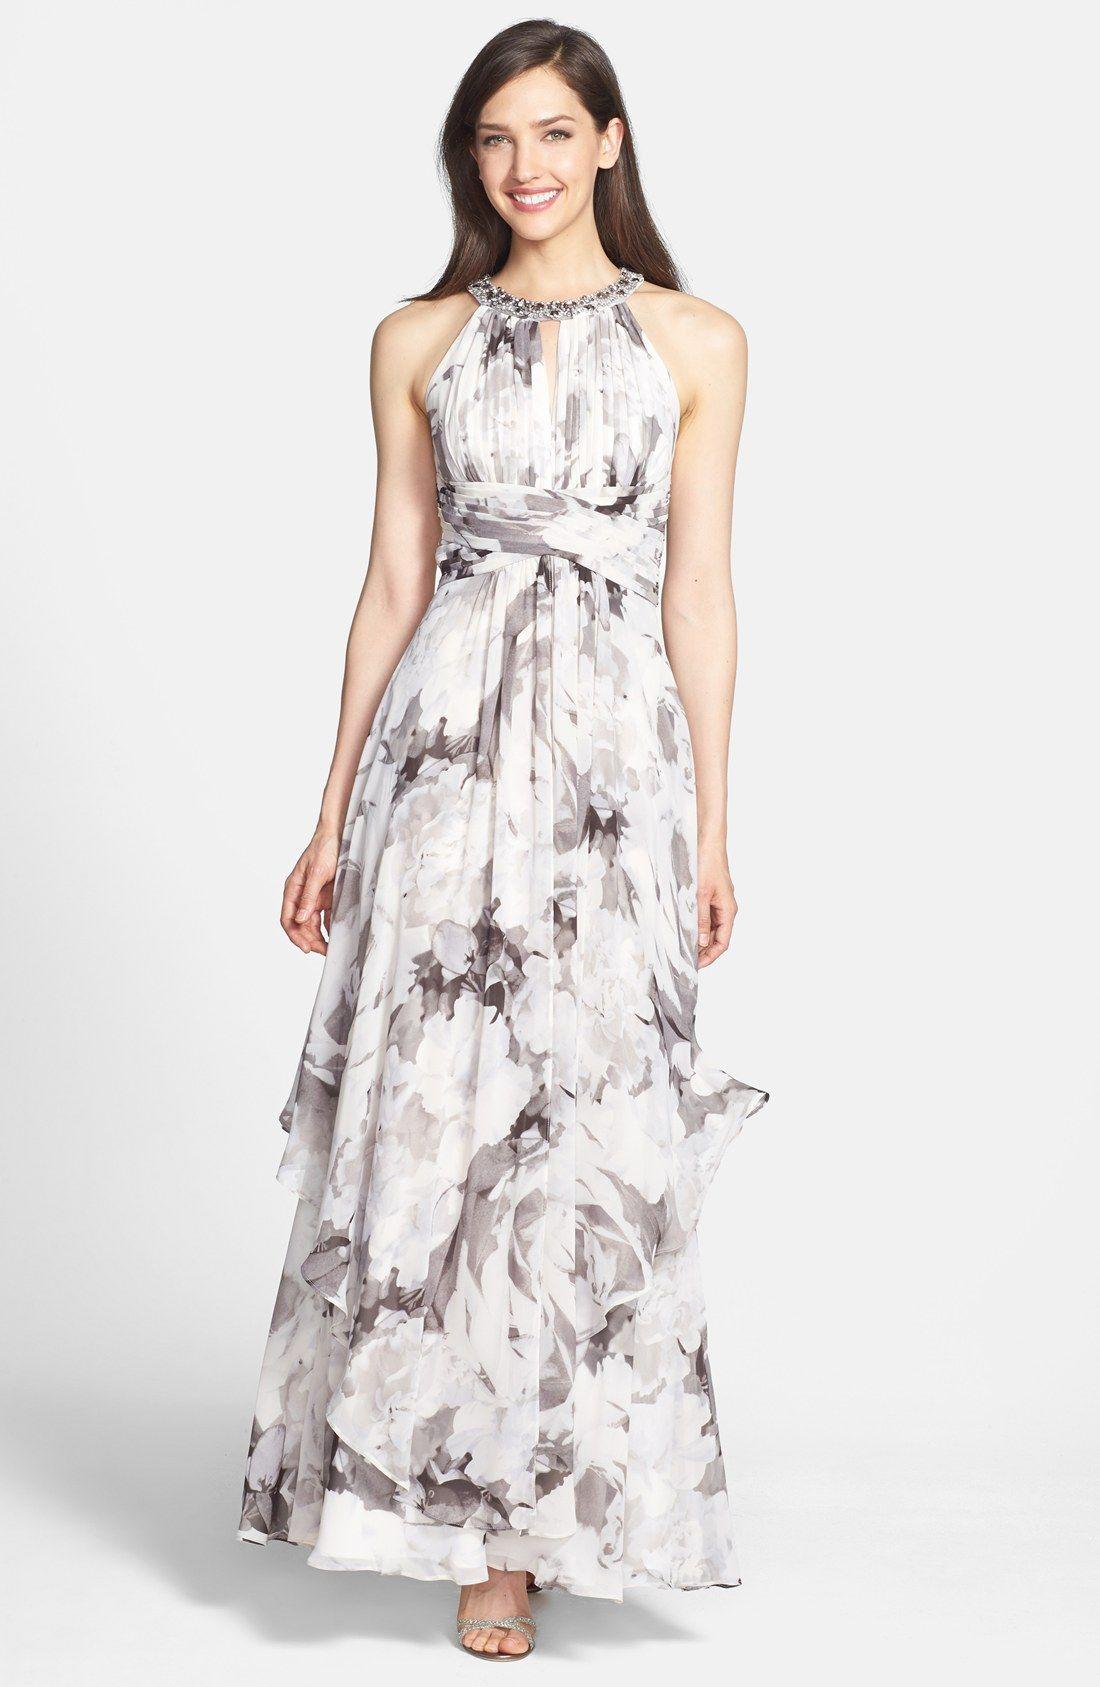 Ziemlich Eliza J Cocktailkleider Fotos - Brautkleider Ideen ...